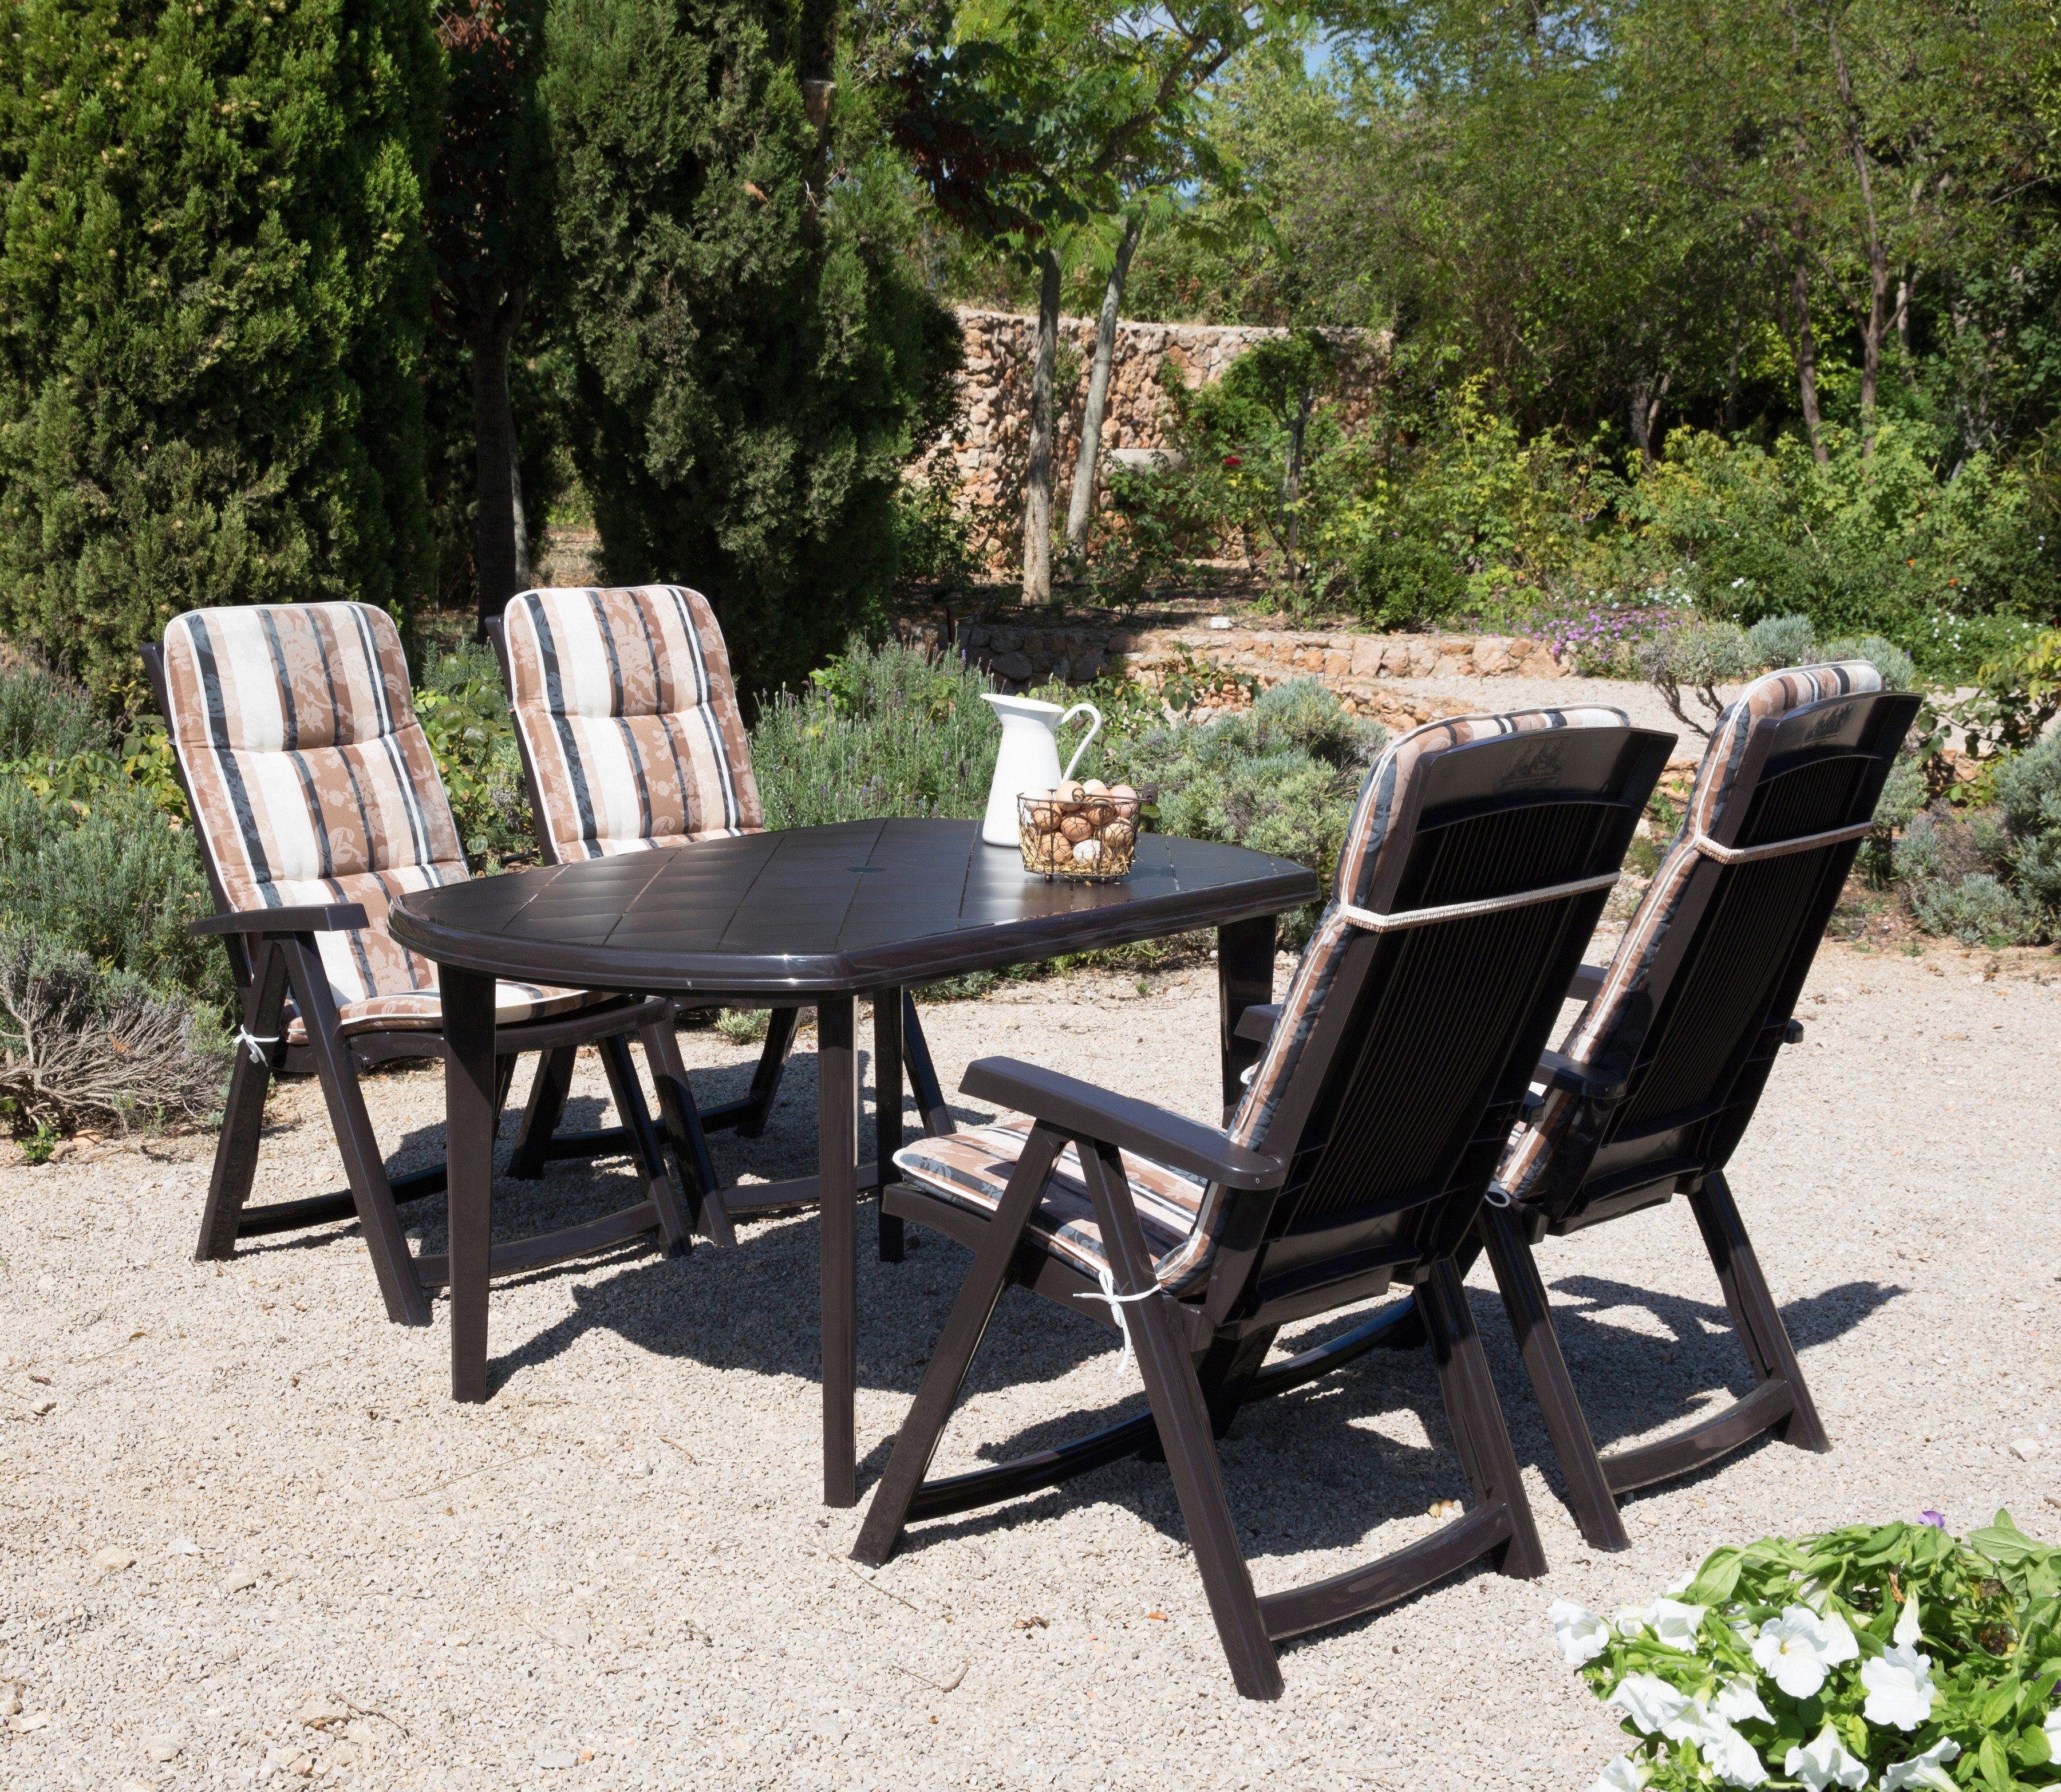 Best 9-tlg. Gartenmöbelset »Elise«, 4 Klappsessel, Tisch 137x90 cm, Kunststoff, braun